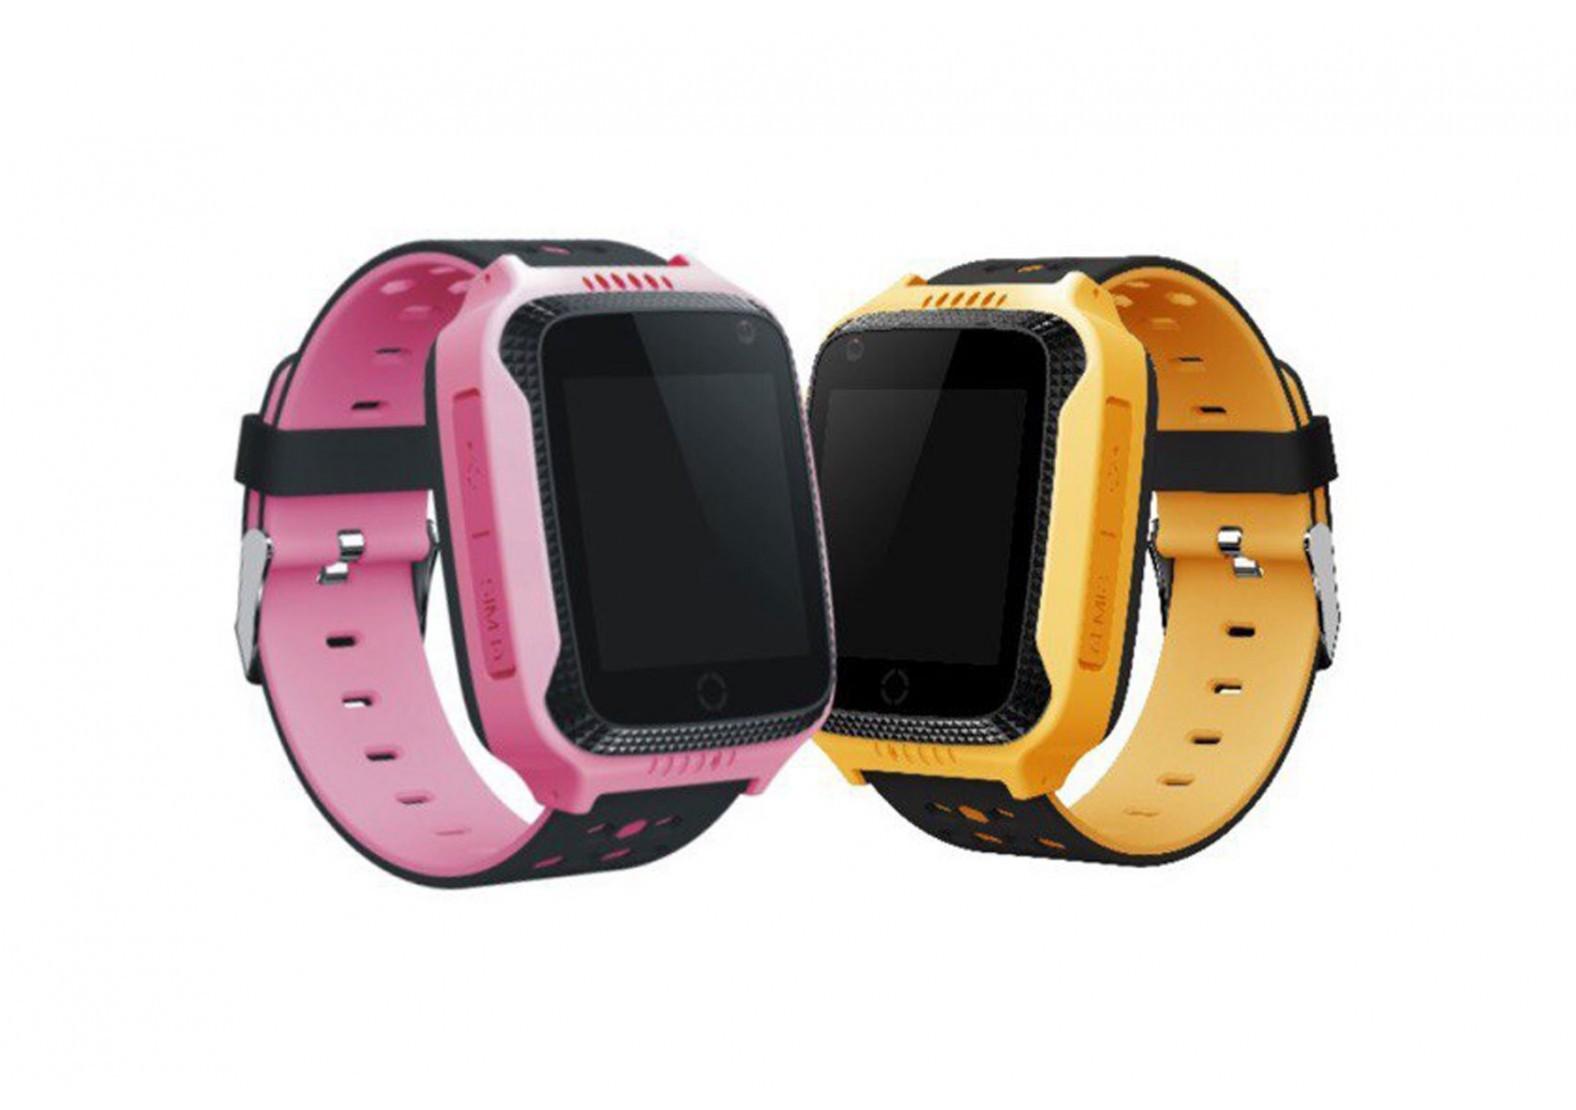 Детские часы с GPS-трекером Детские часы с GPS-трекером T7 (gm 11) gps_watch_Q528-1576x1110.jpg